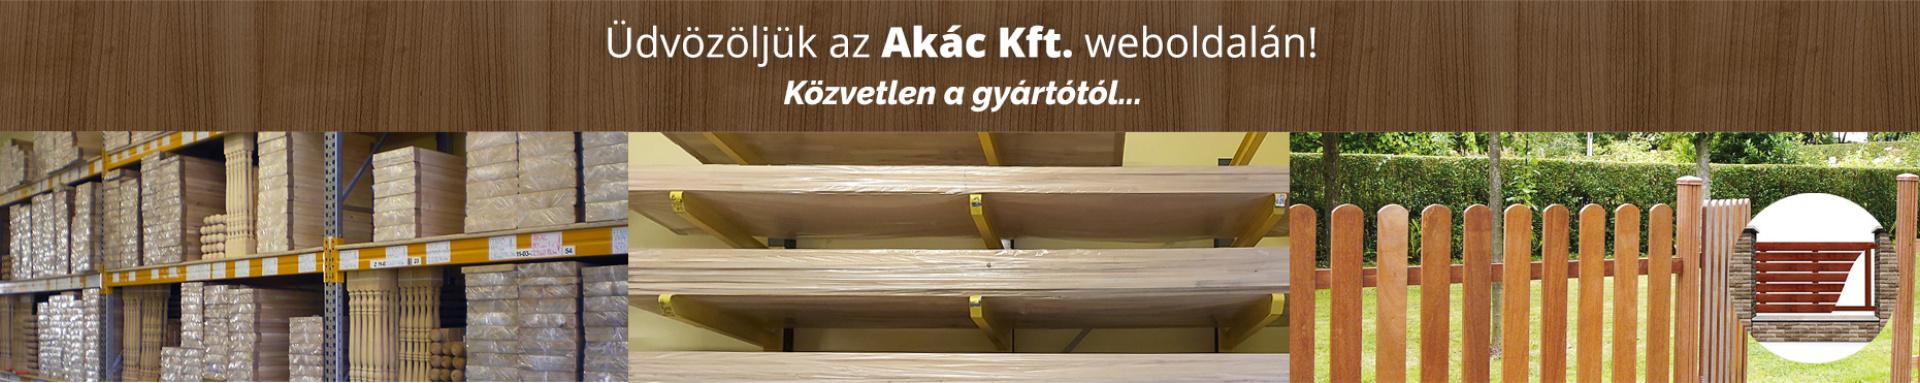 kepvalto_59.jpg